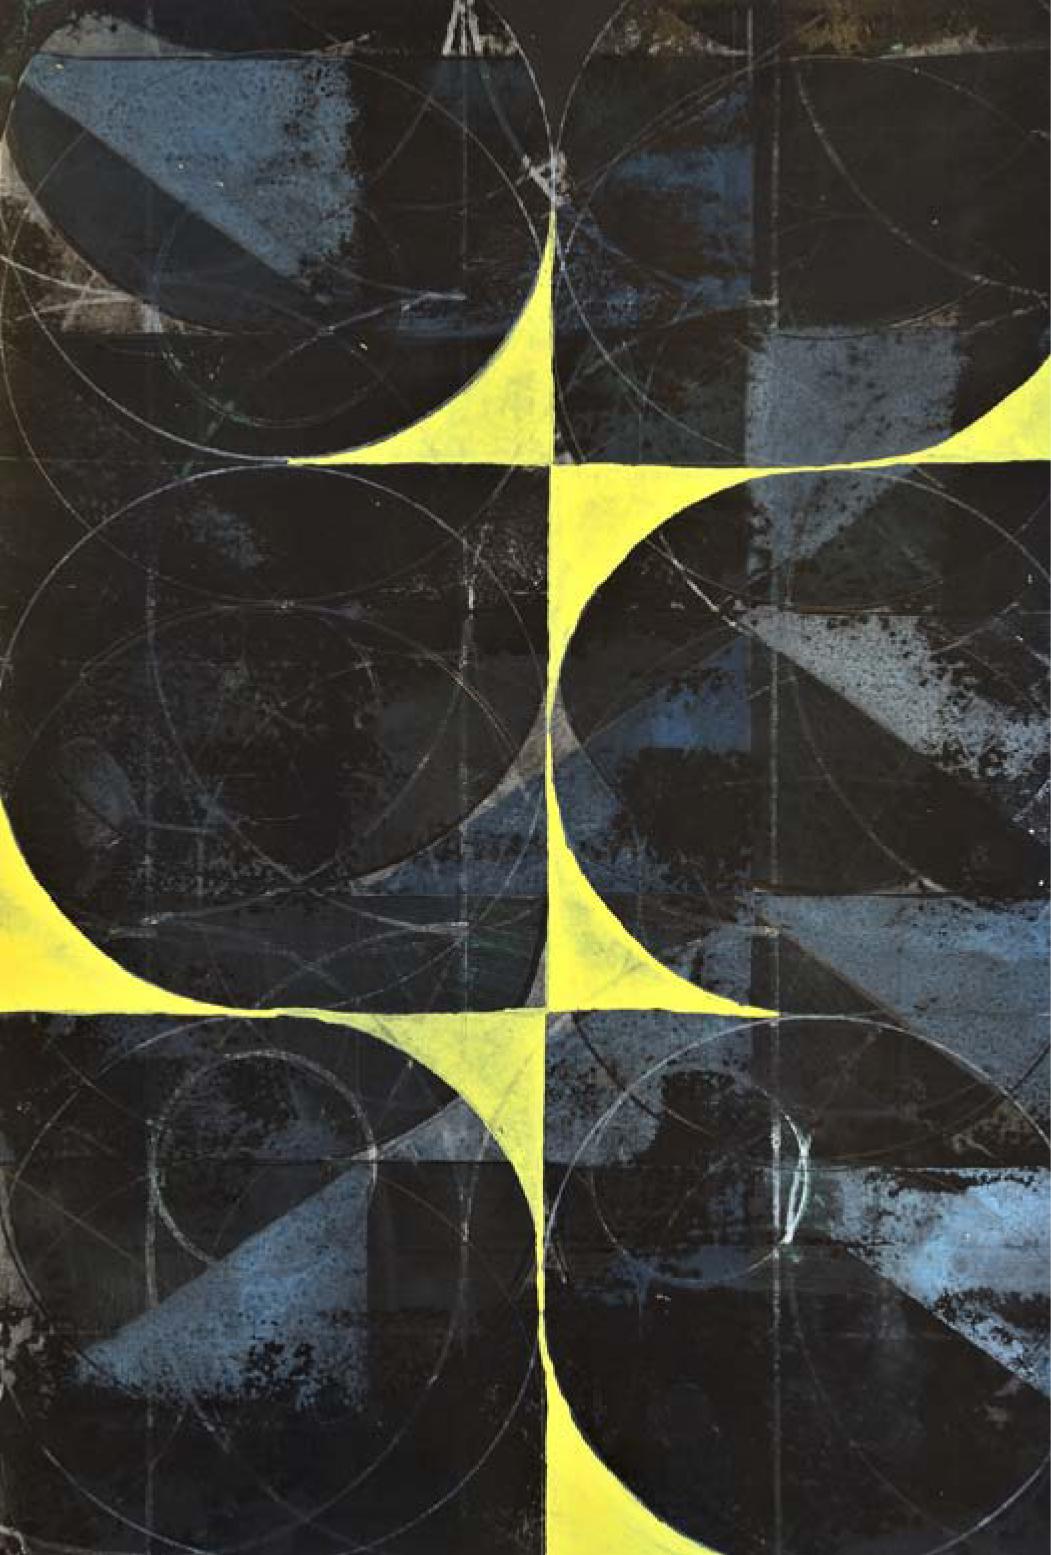 Ausstellung 12.08. - 16.09.2012 | Rebecca Michaelis | … eine rosagelbe Linie, dann dunkel | Handzeichnungen, Malerei, Objekte